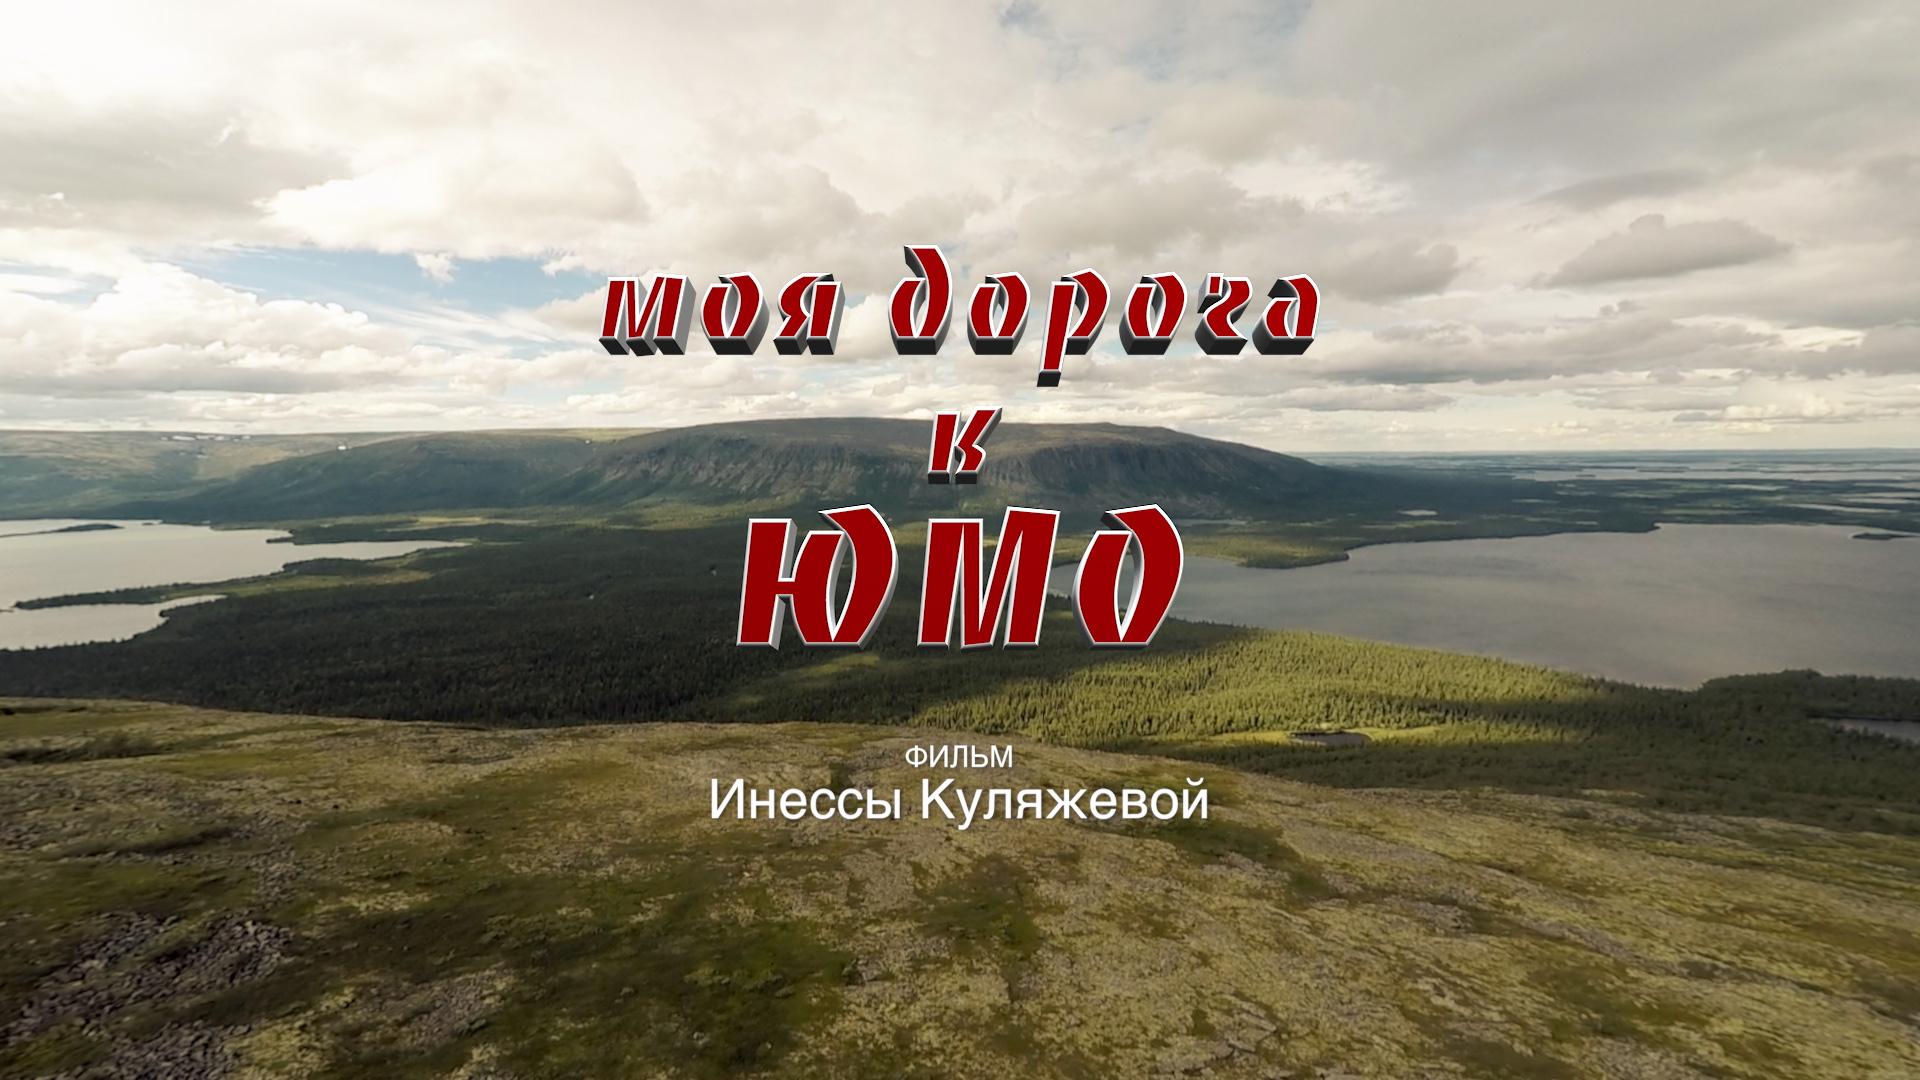 В Татарстане создан документальный фильм об истории марийского народа